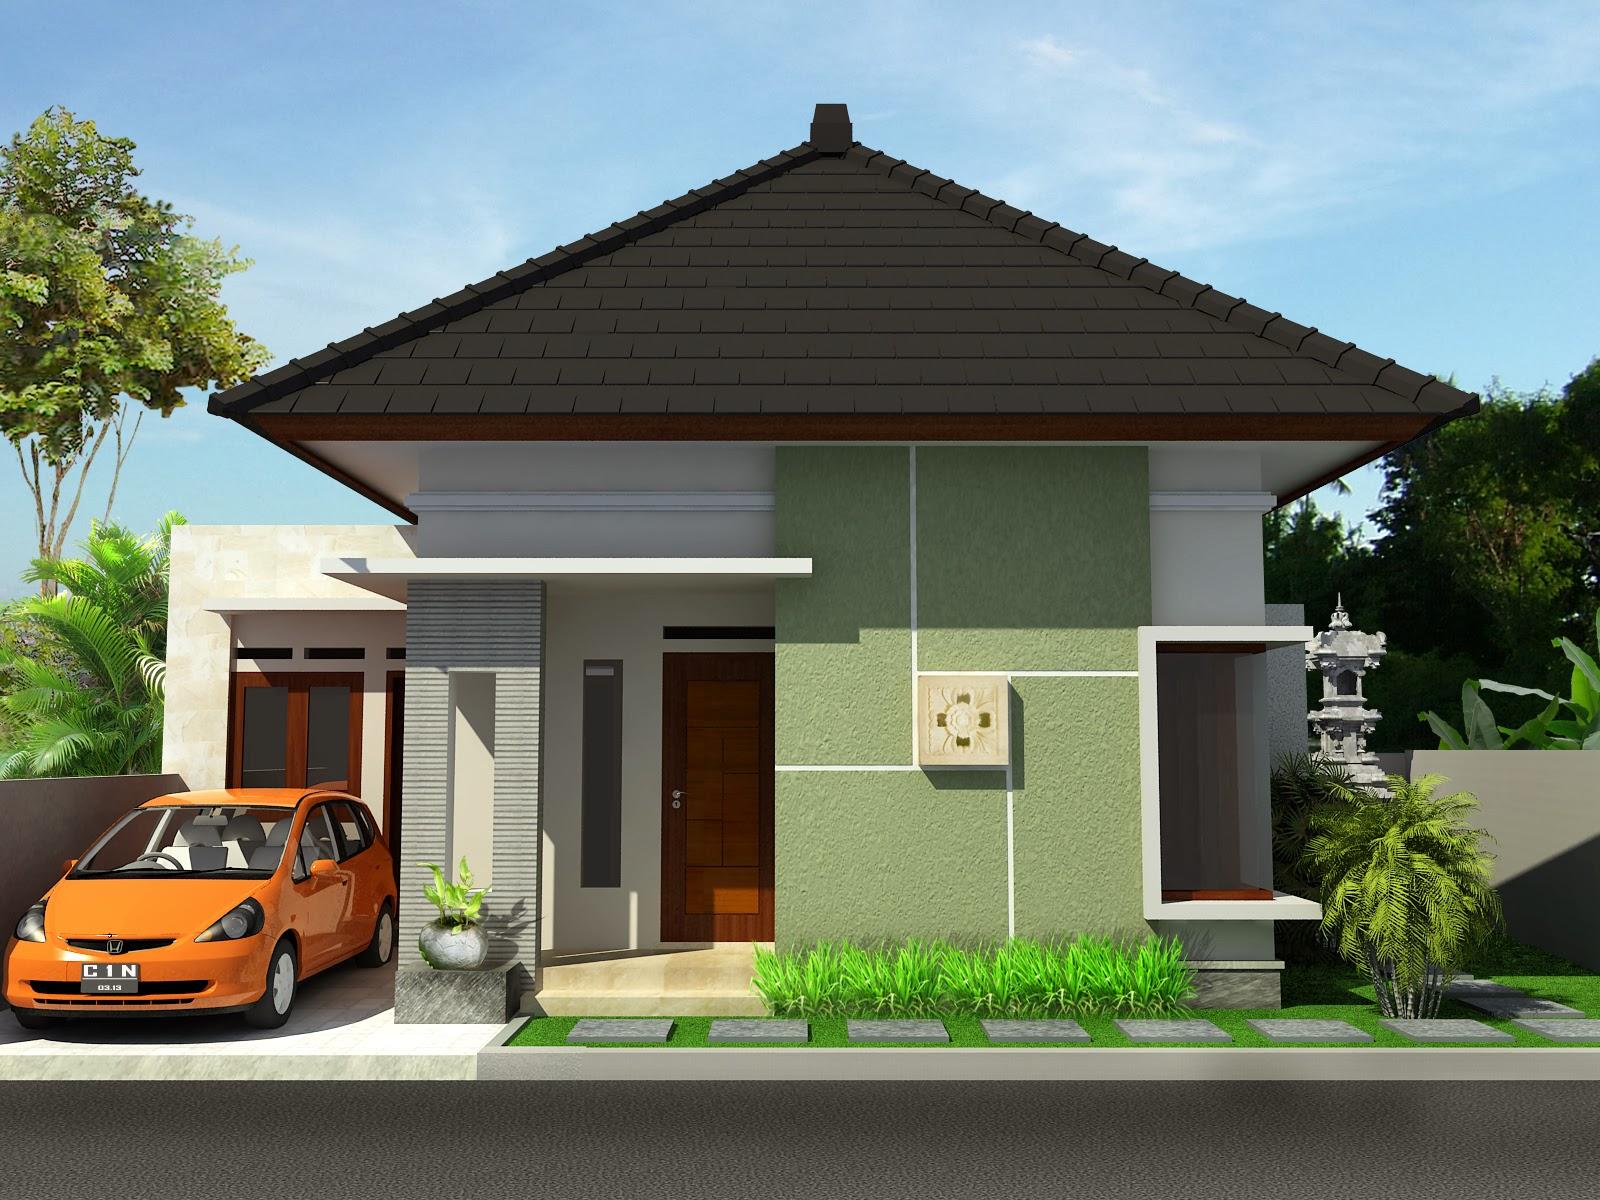 Desain Rumah Minimalis 1 Lantai Sederhana Terbaru 2020